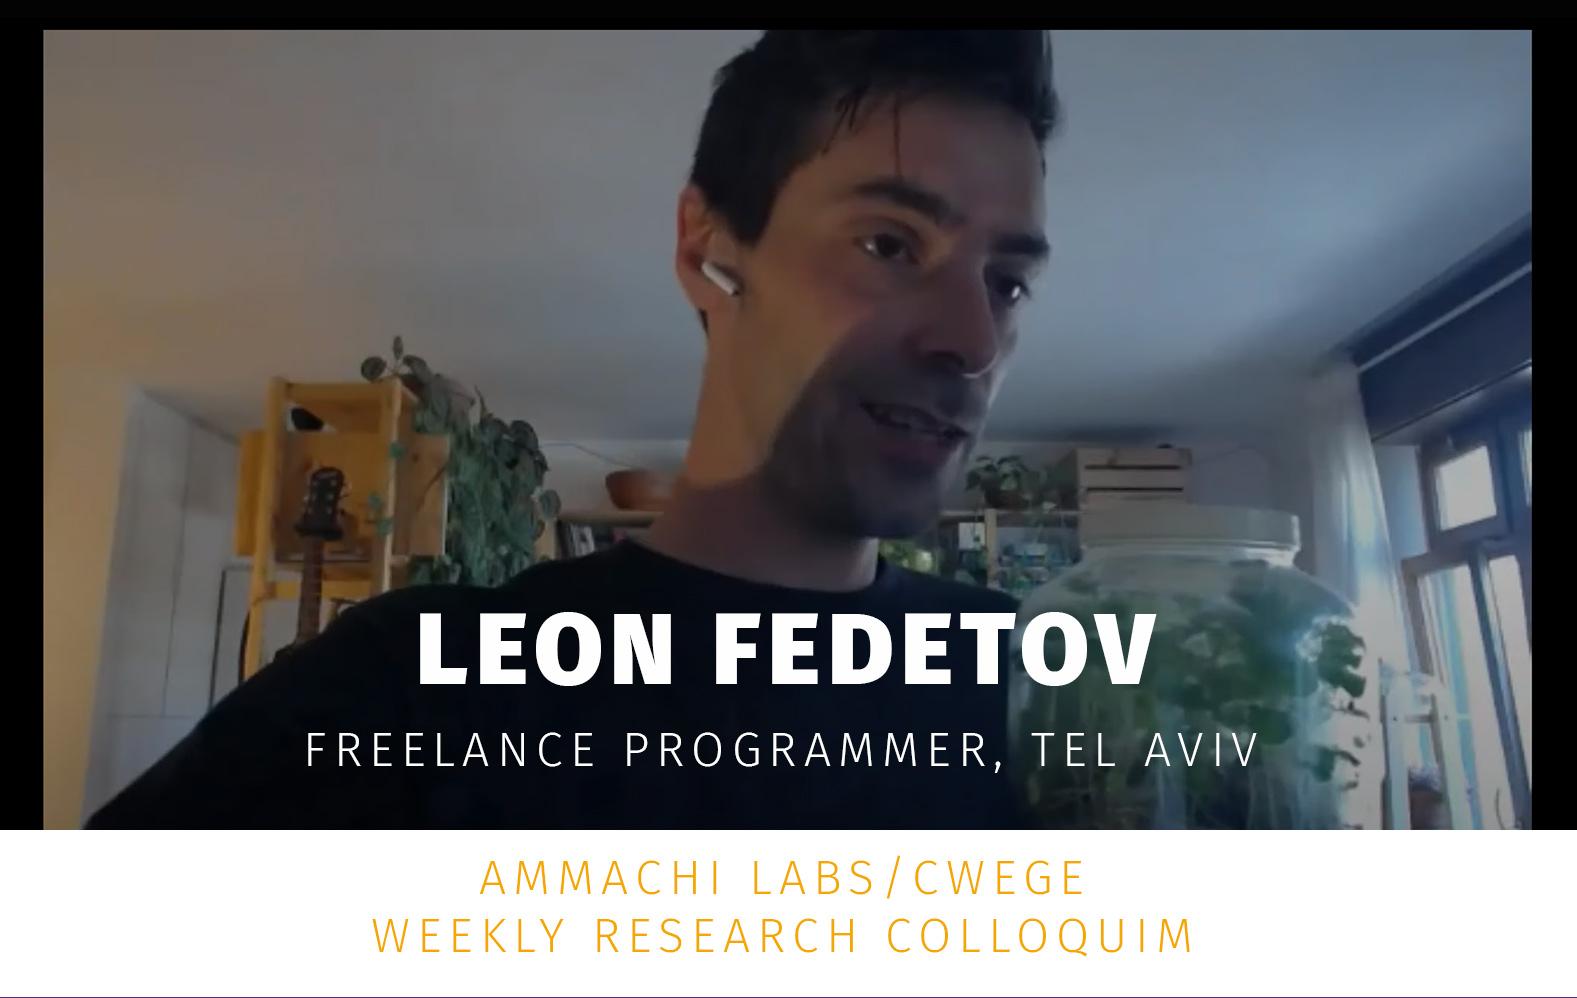 Leon Fedetov